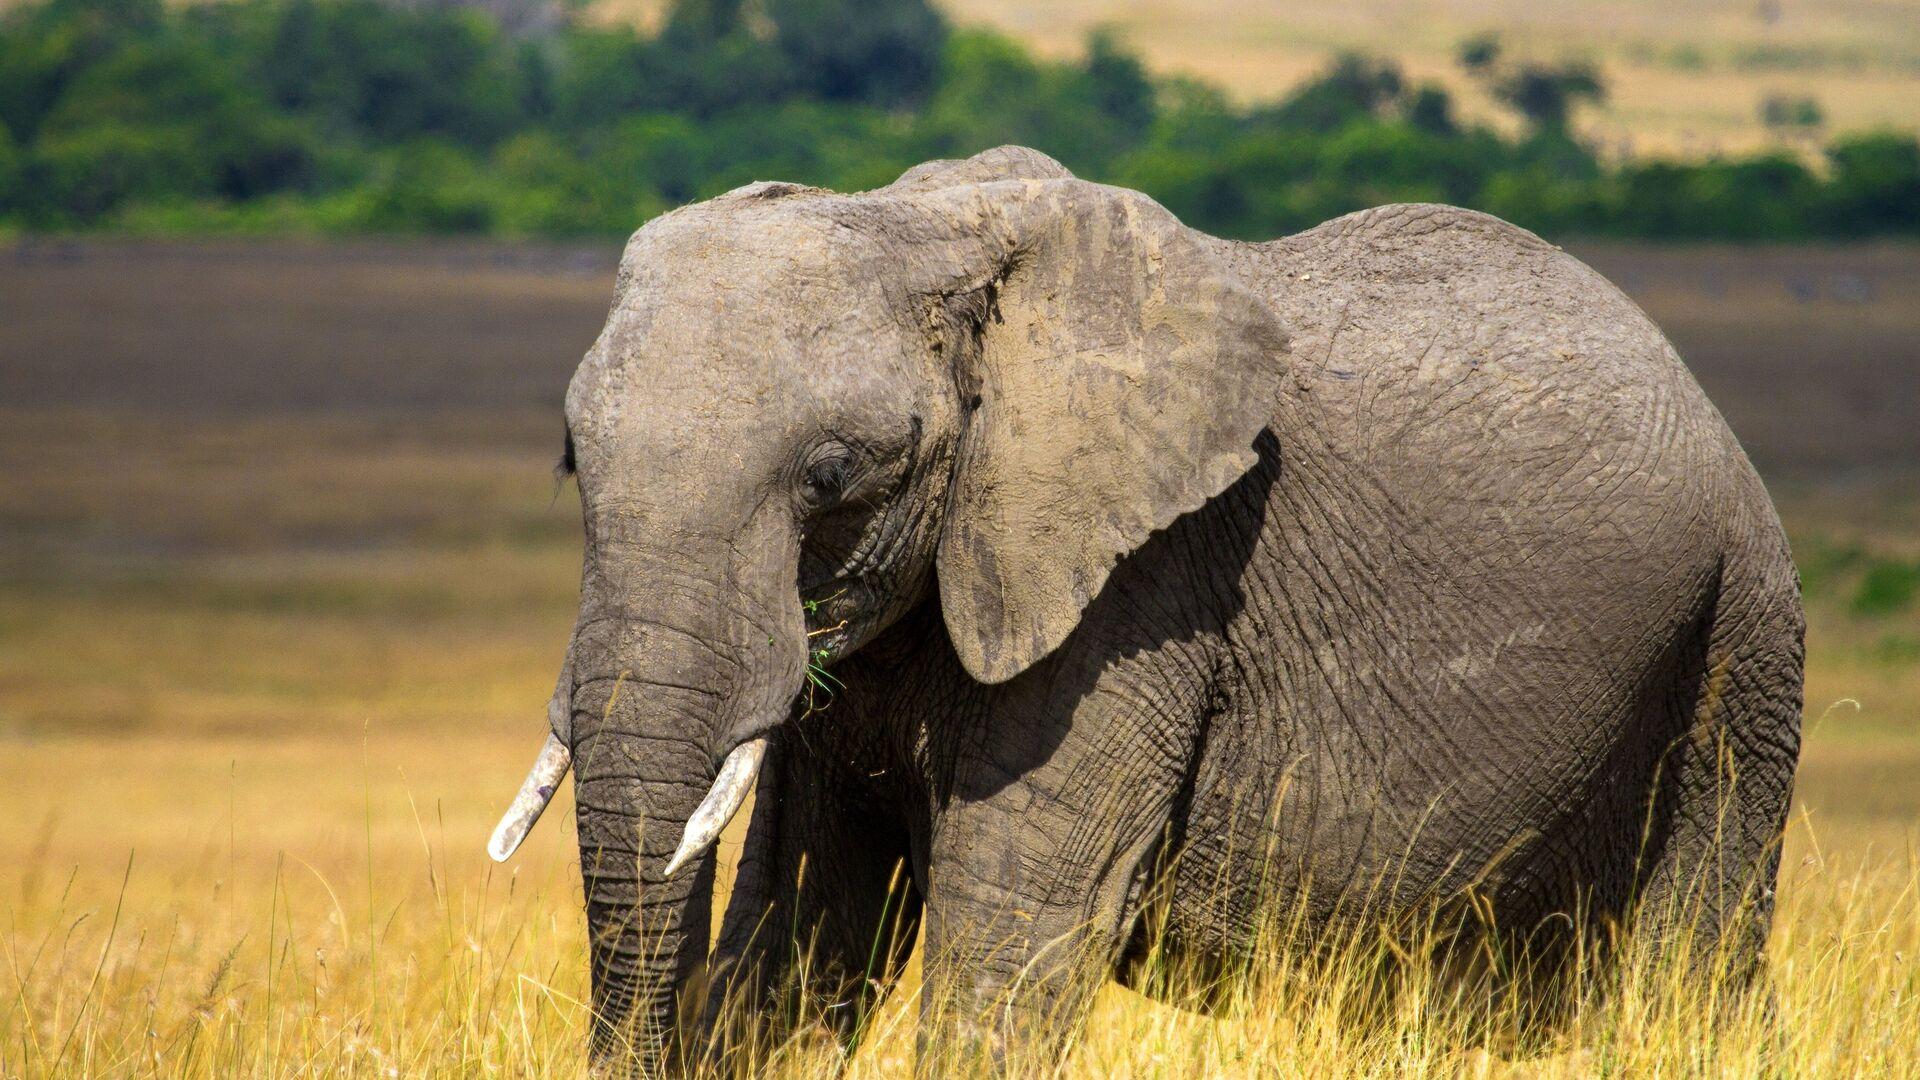 Слон в африке - РИА Новости, 1920, 26.09.2020